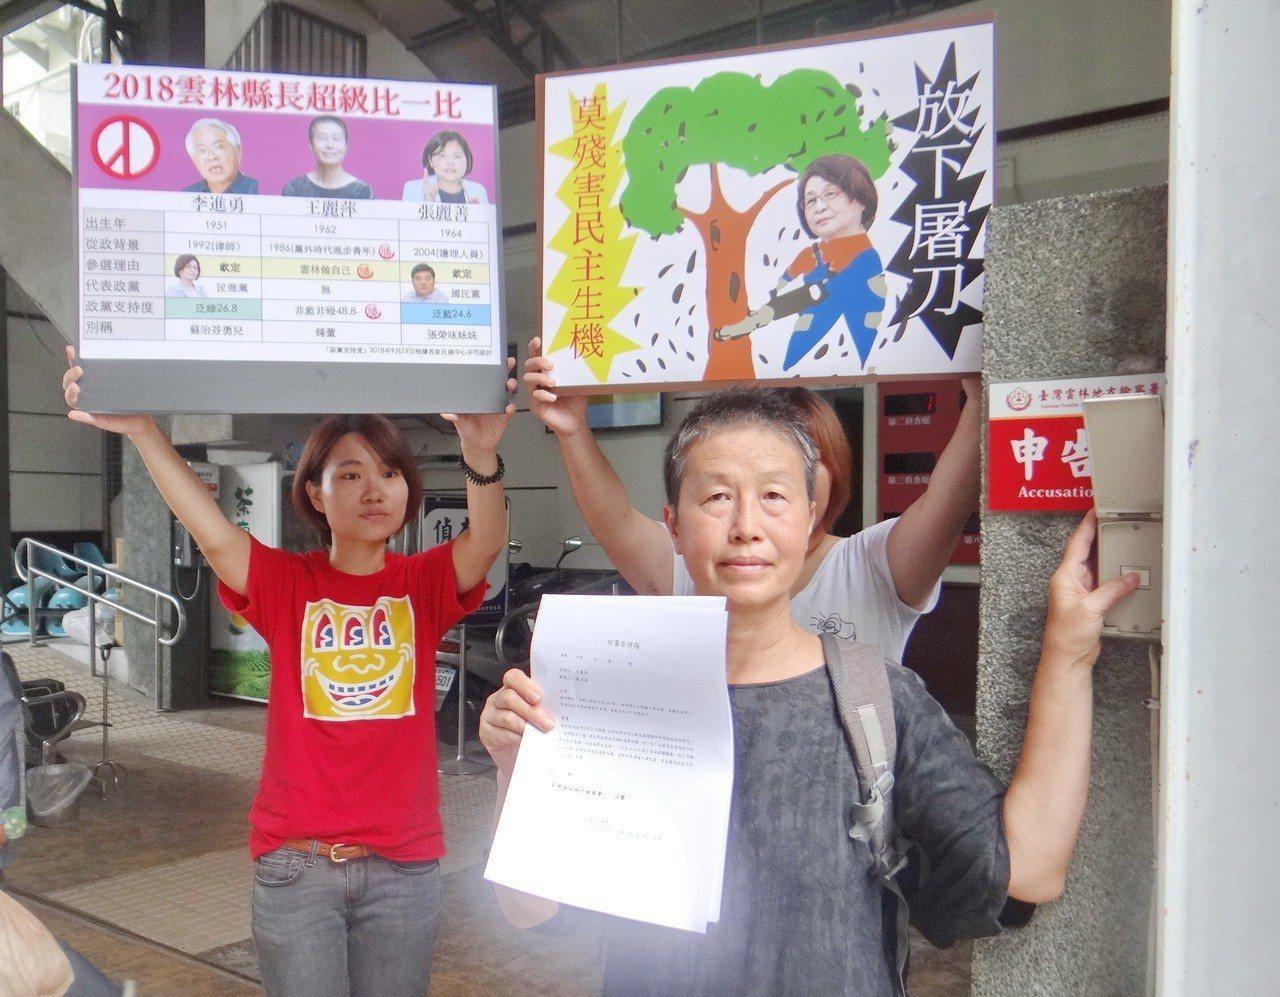 王麗萍按鈴控告蘇治芬違反選罷法。記者蔡維斌/攝影